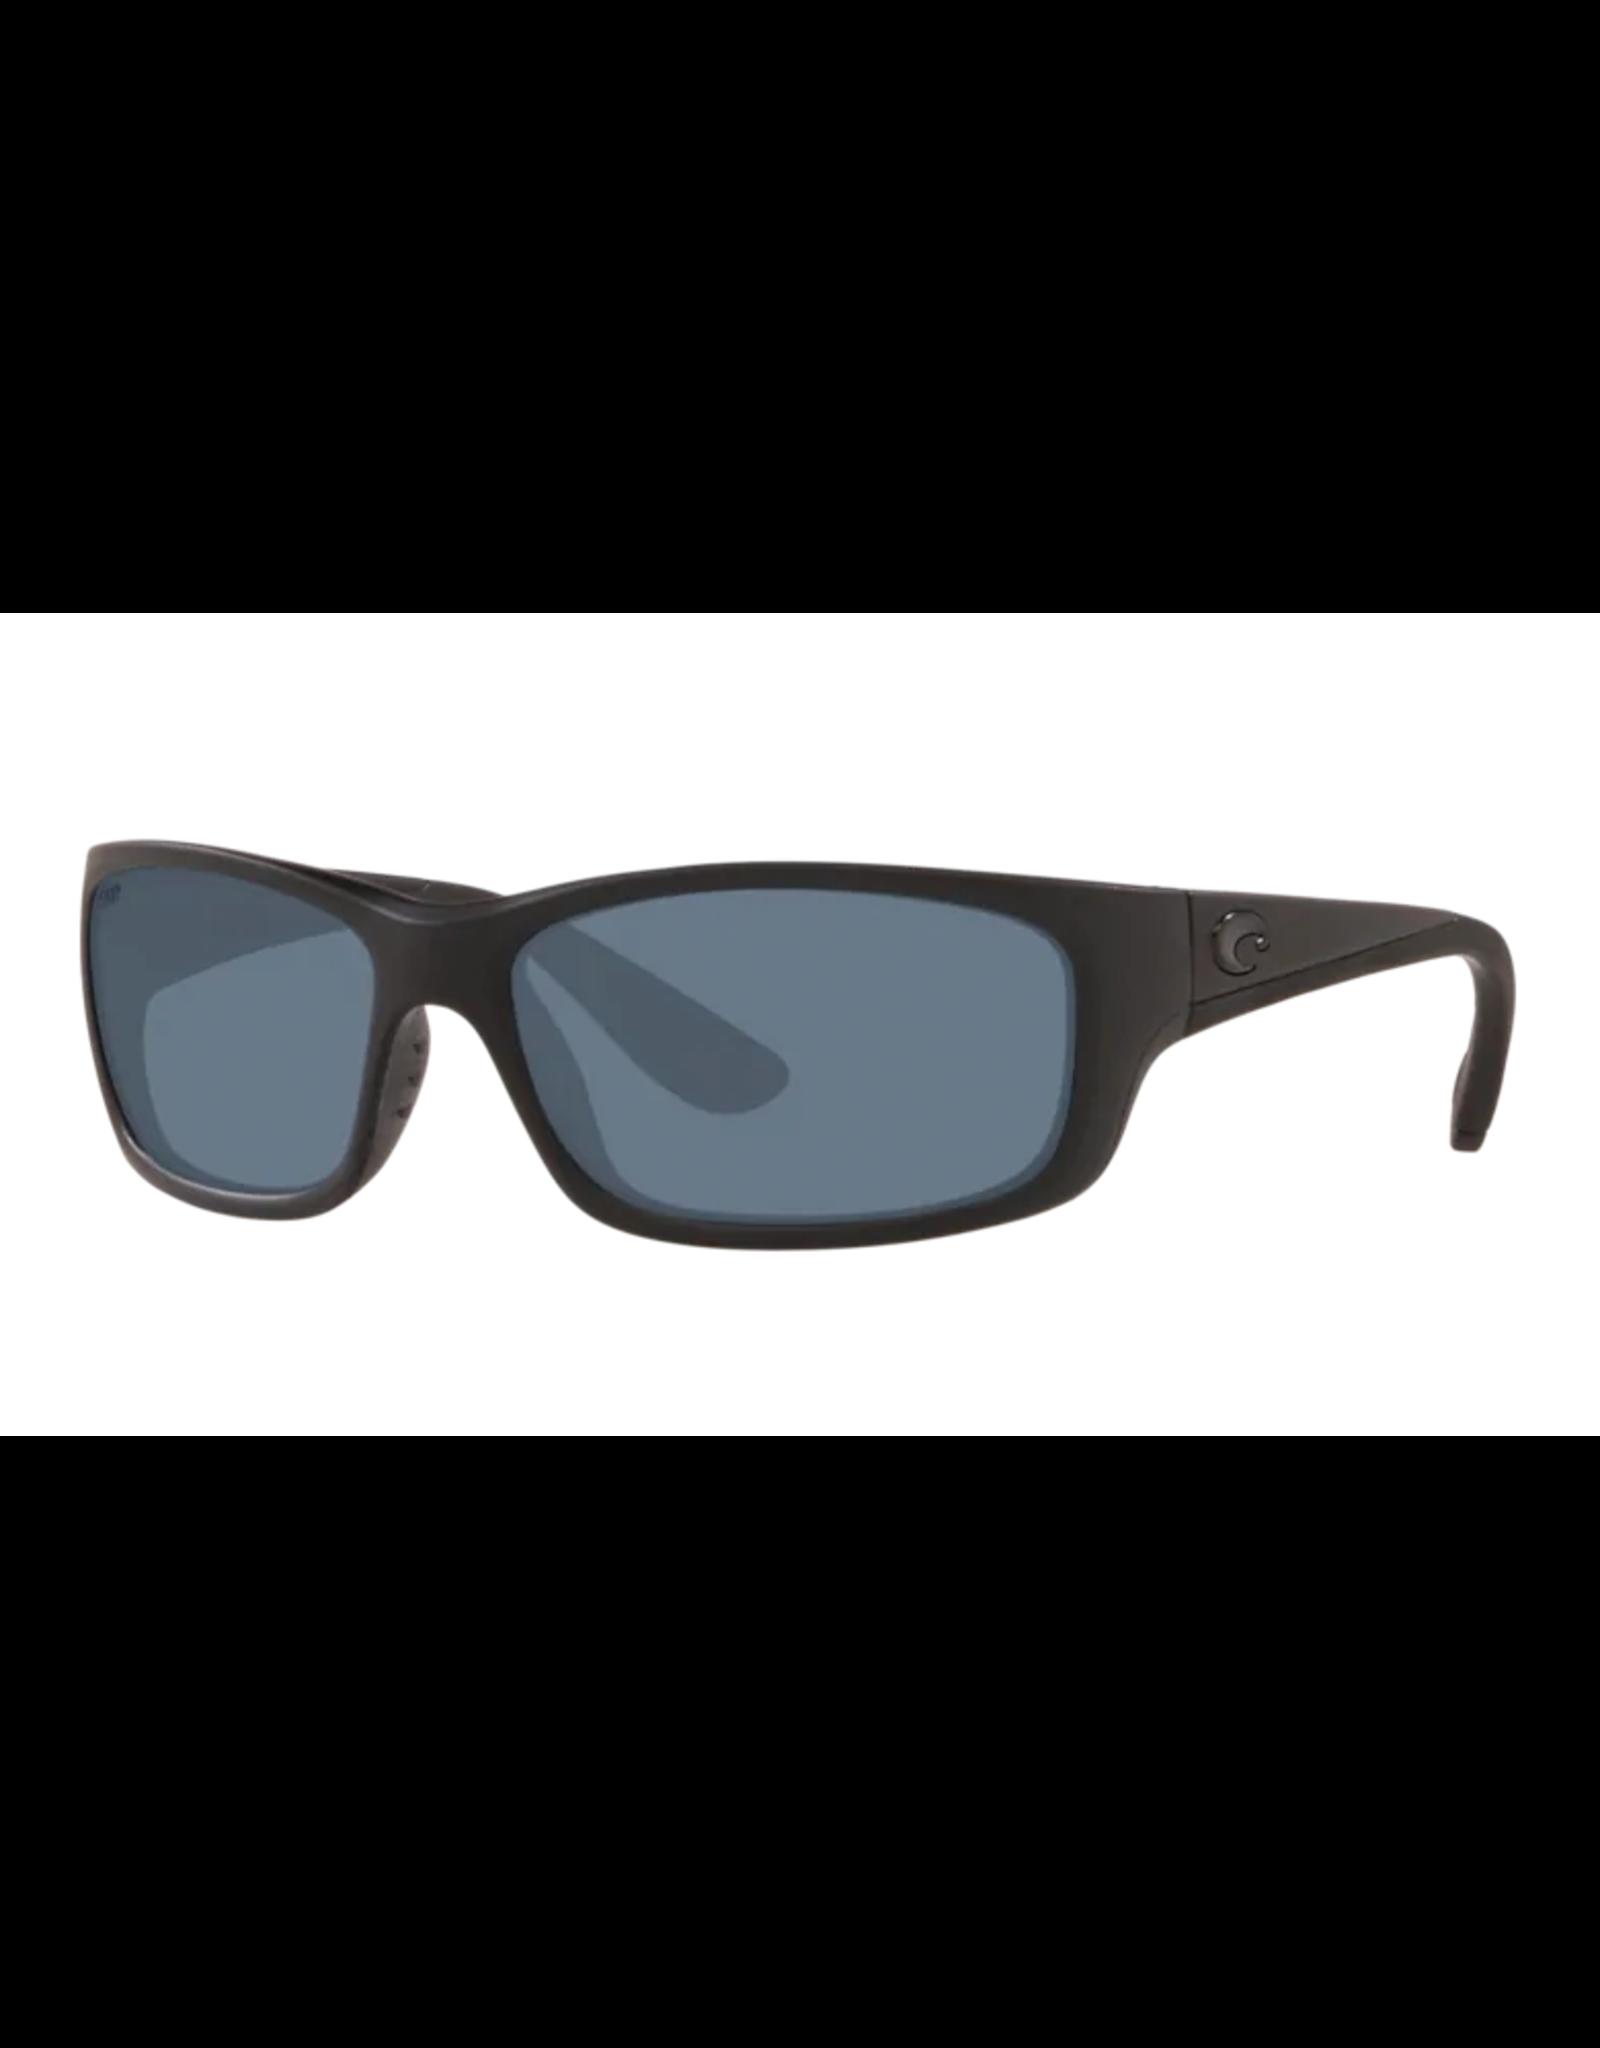 COSTA DEL MAR JOSE 01 BLACKOUT/GREY 580P